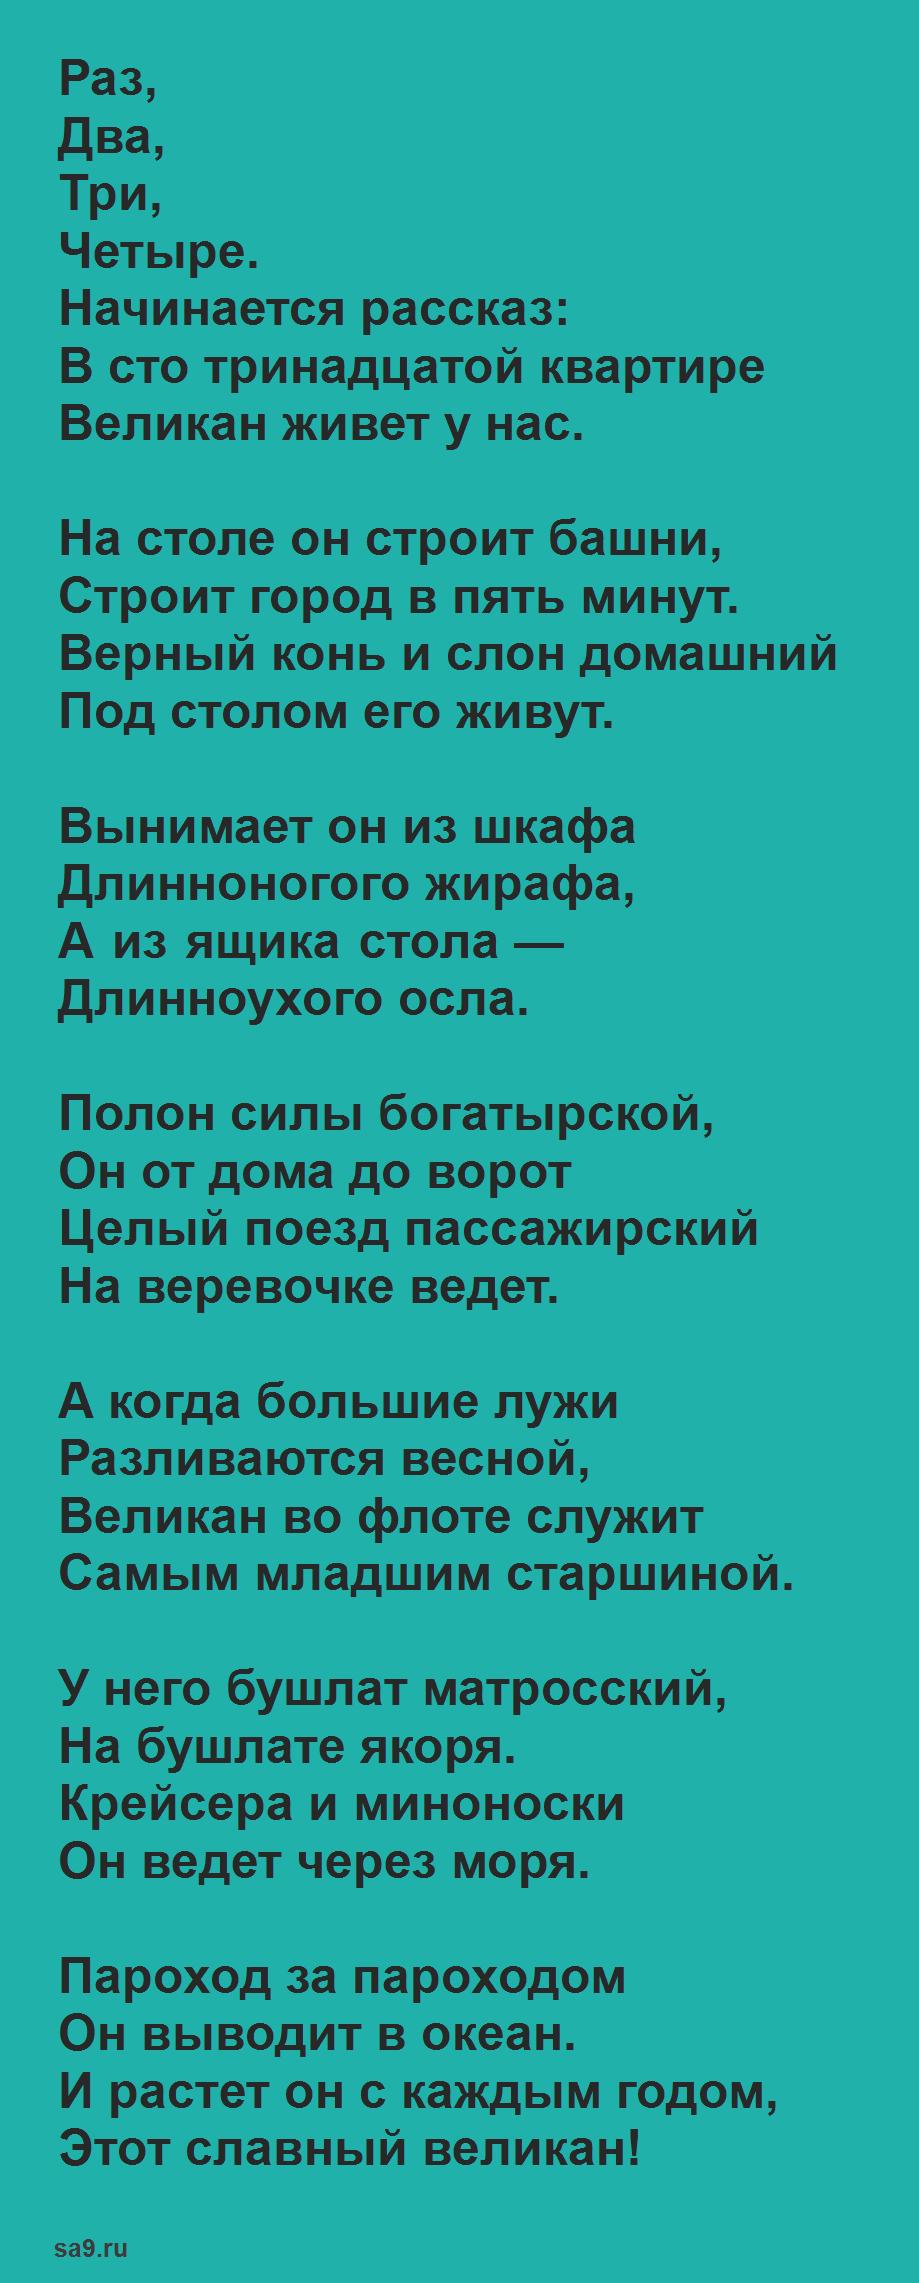 Маршак стихи для дошкольного возраста - Великан